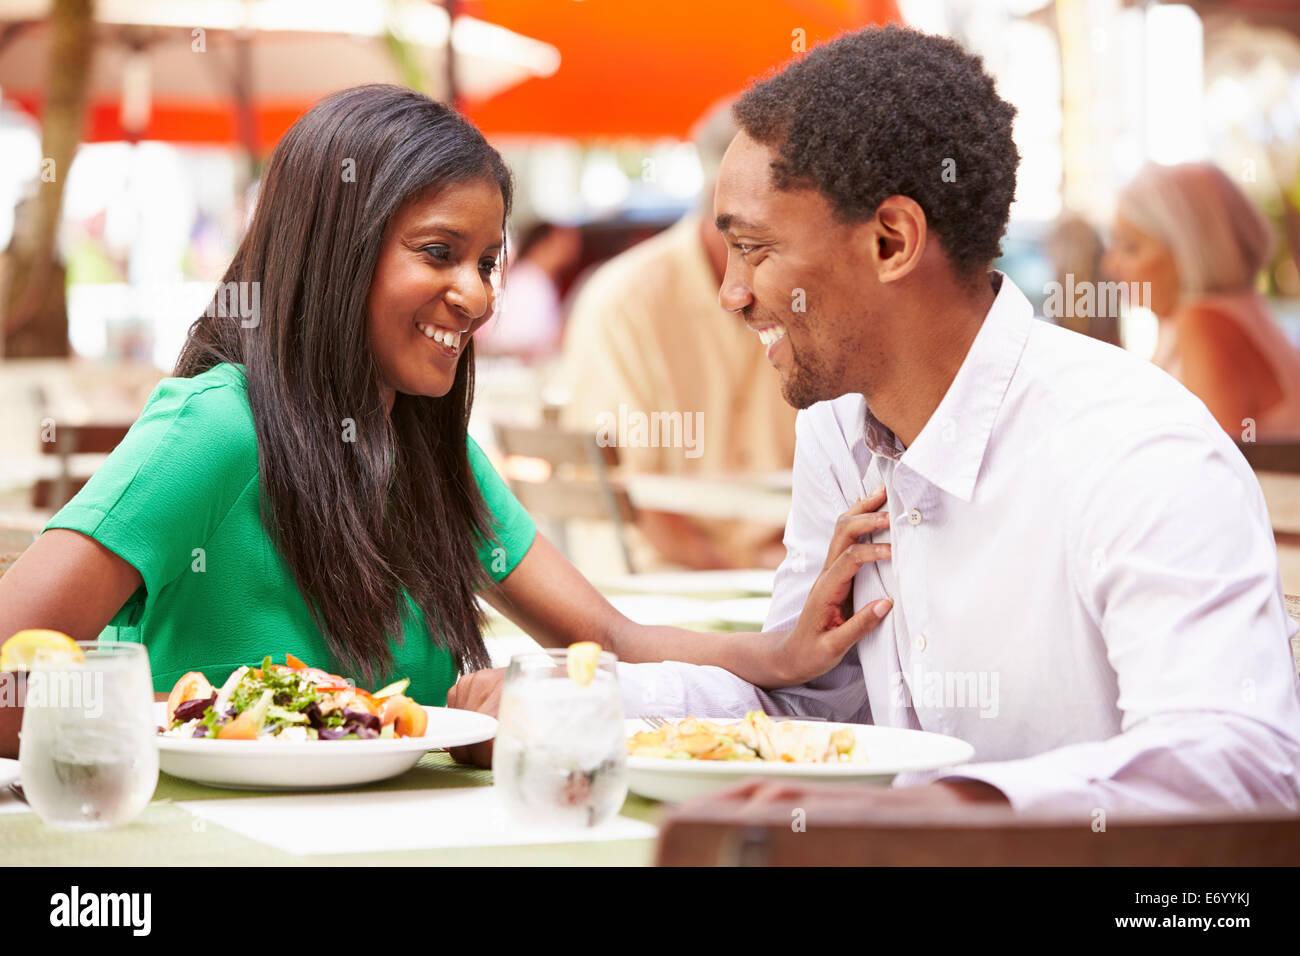 Paar genießt Mittagessen im Restaurant unter freiem Himmel Stockbild